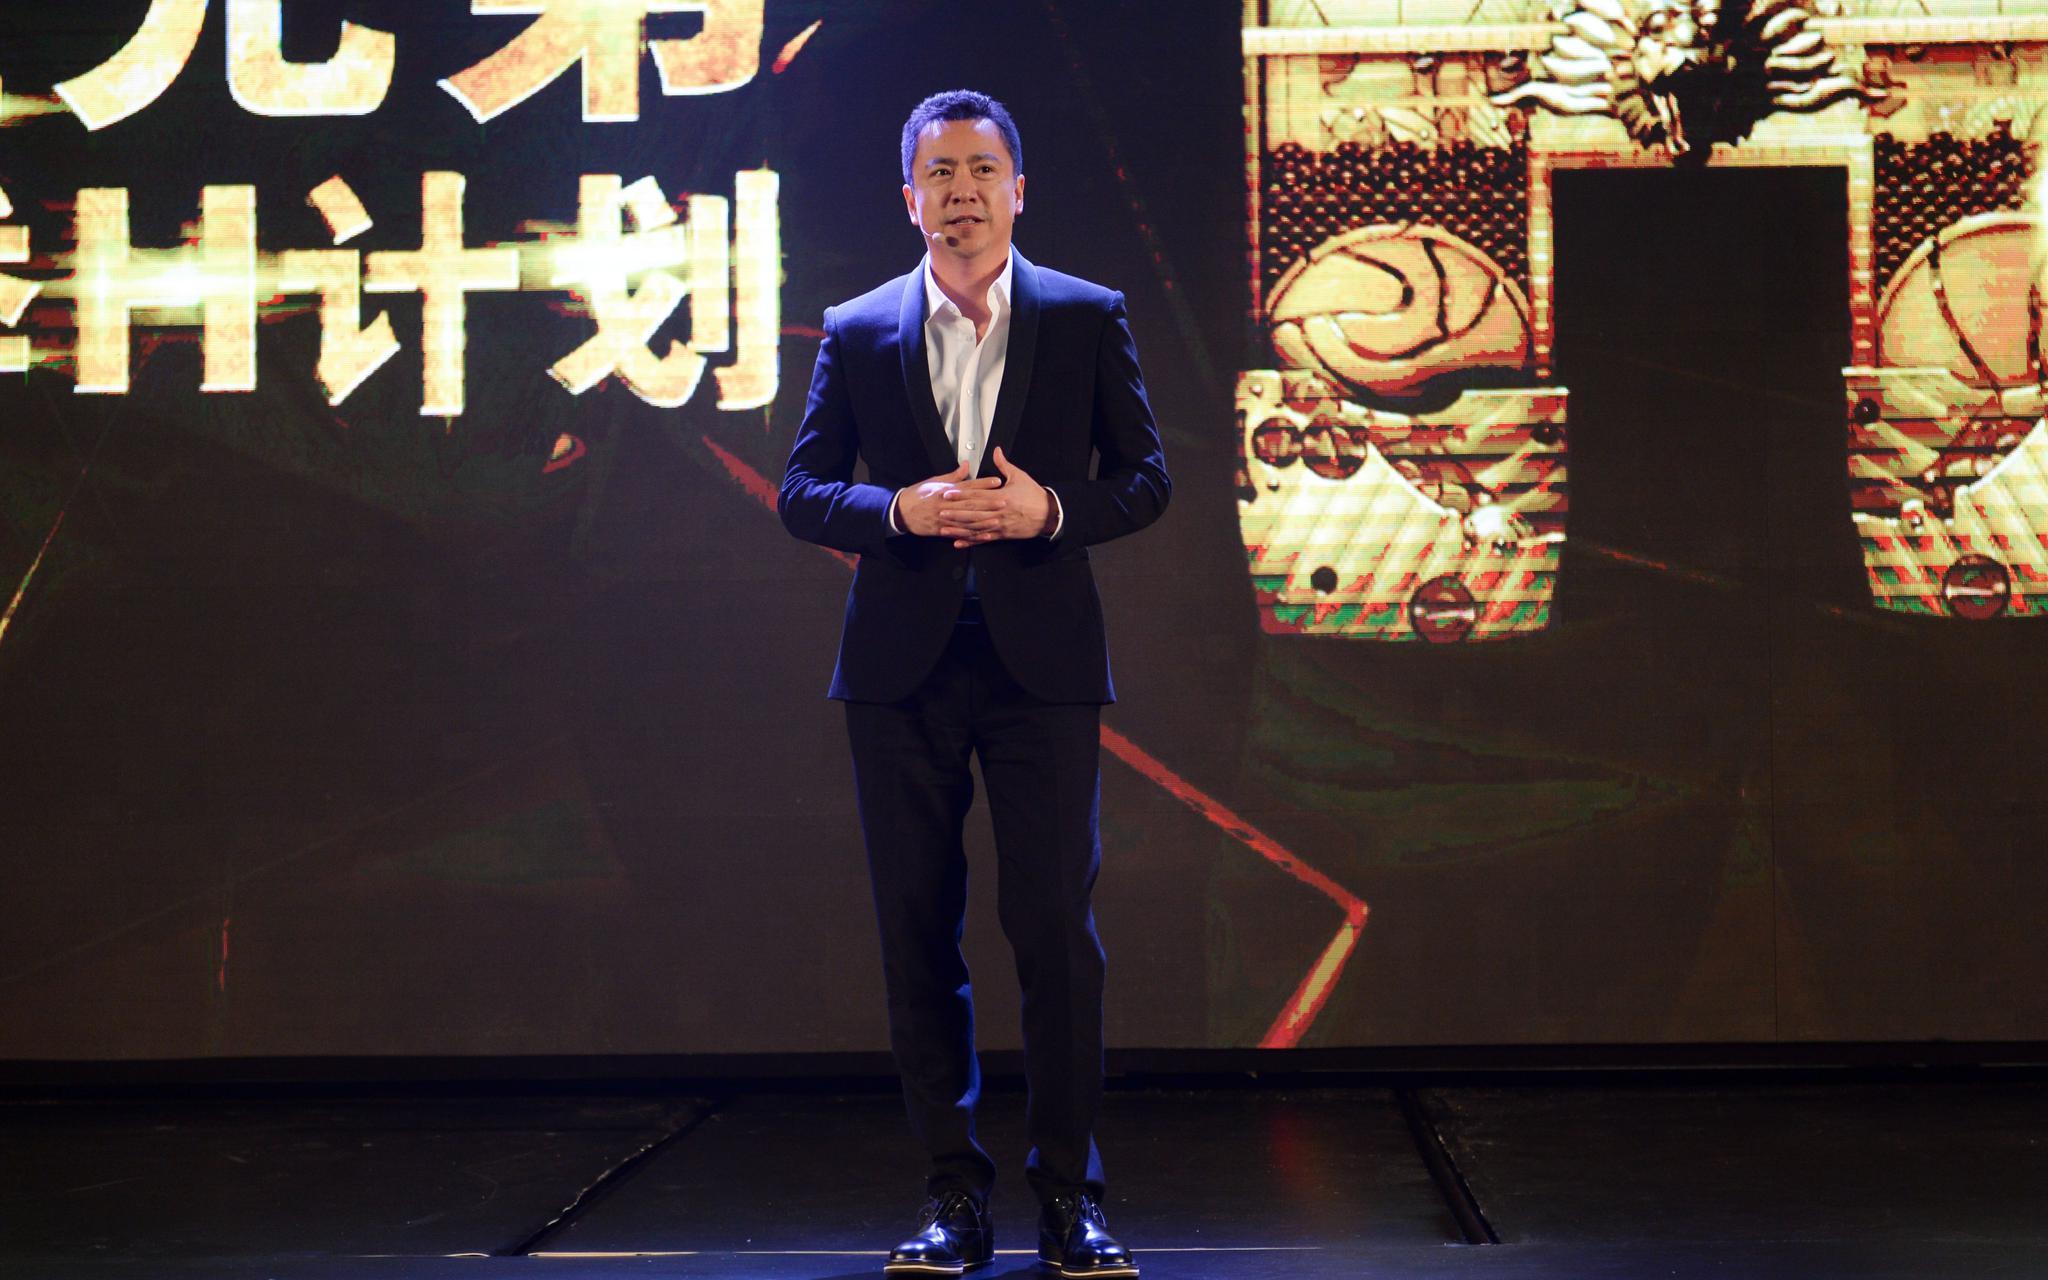 专访王中磊:华谊是内容玩家非资本玩家,说我们全靠冯小刚有偏颇